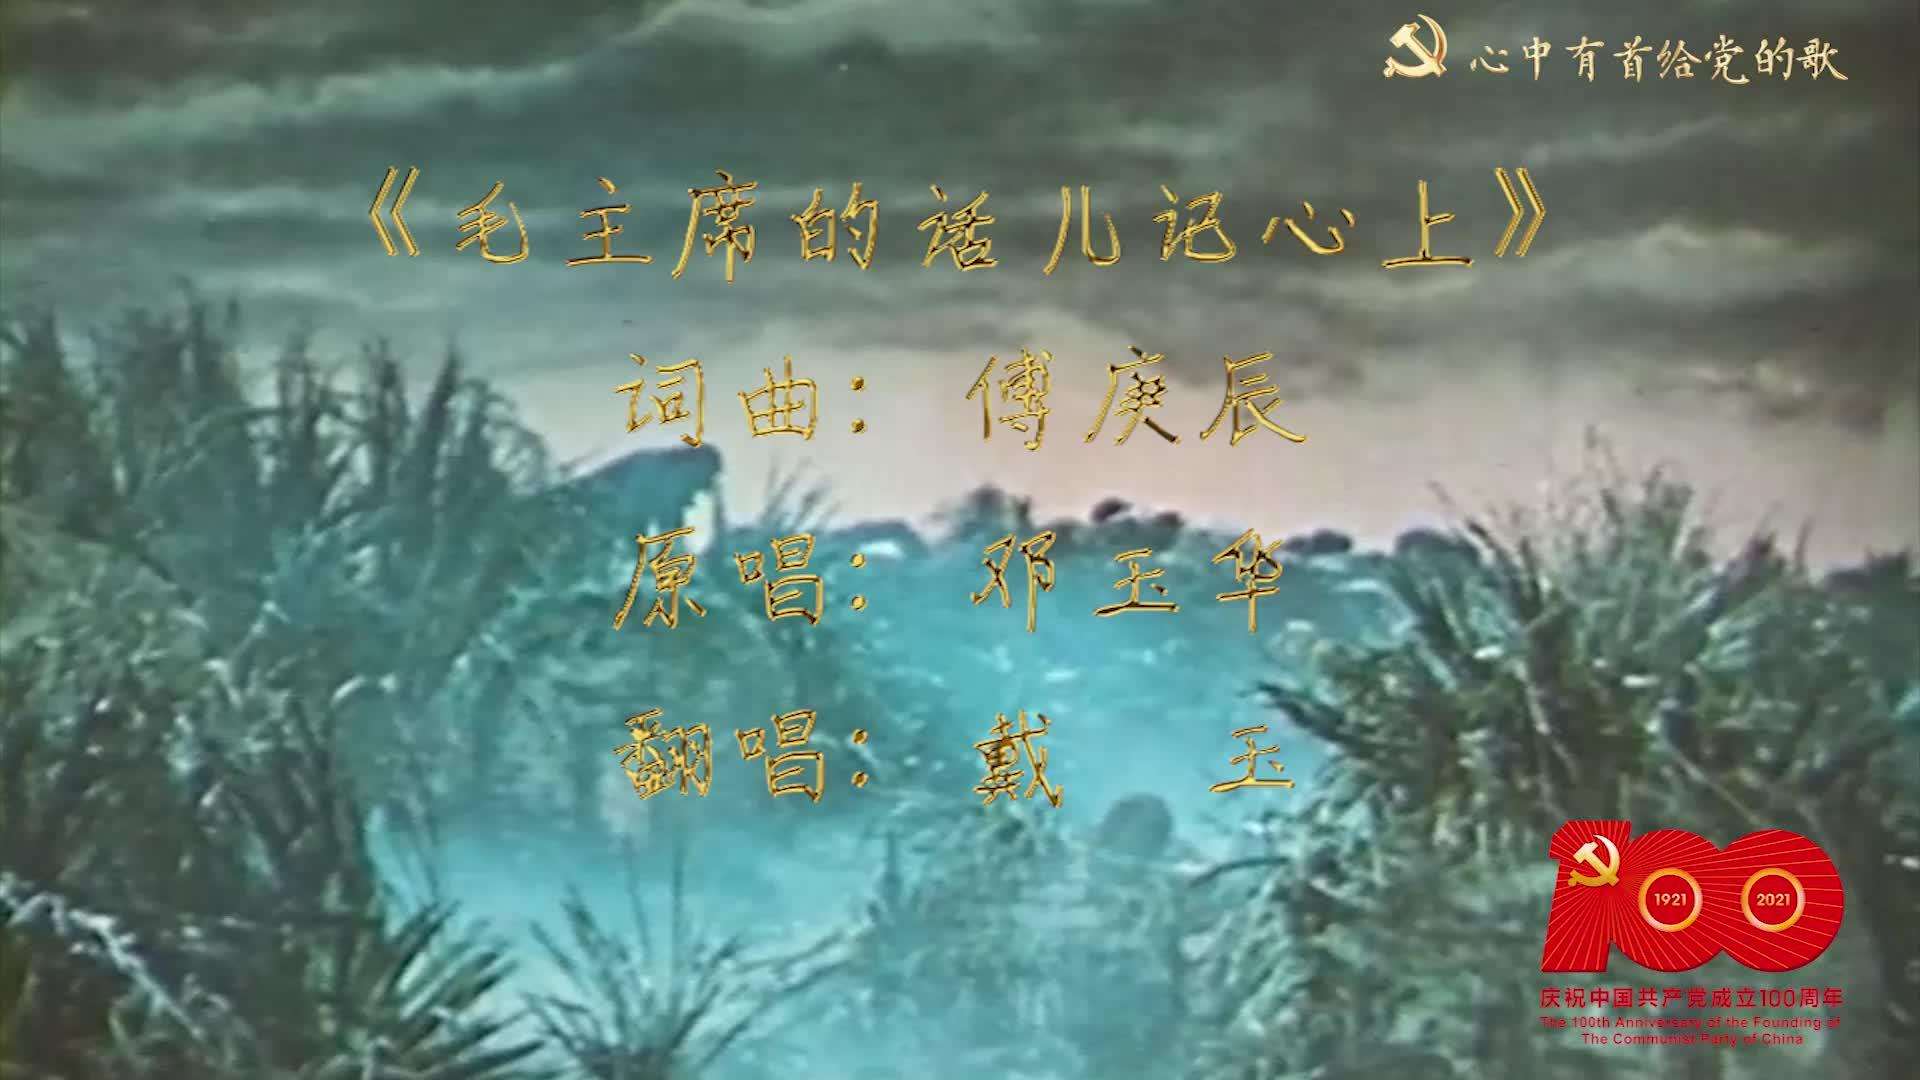 """《毛主席的话儿记心上》——""""心中有首给党的歌""""系列MV"""